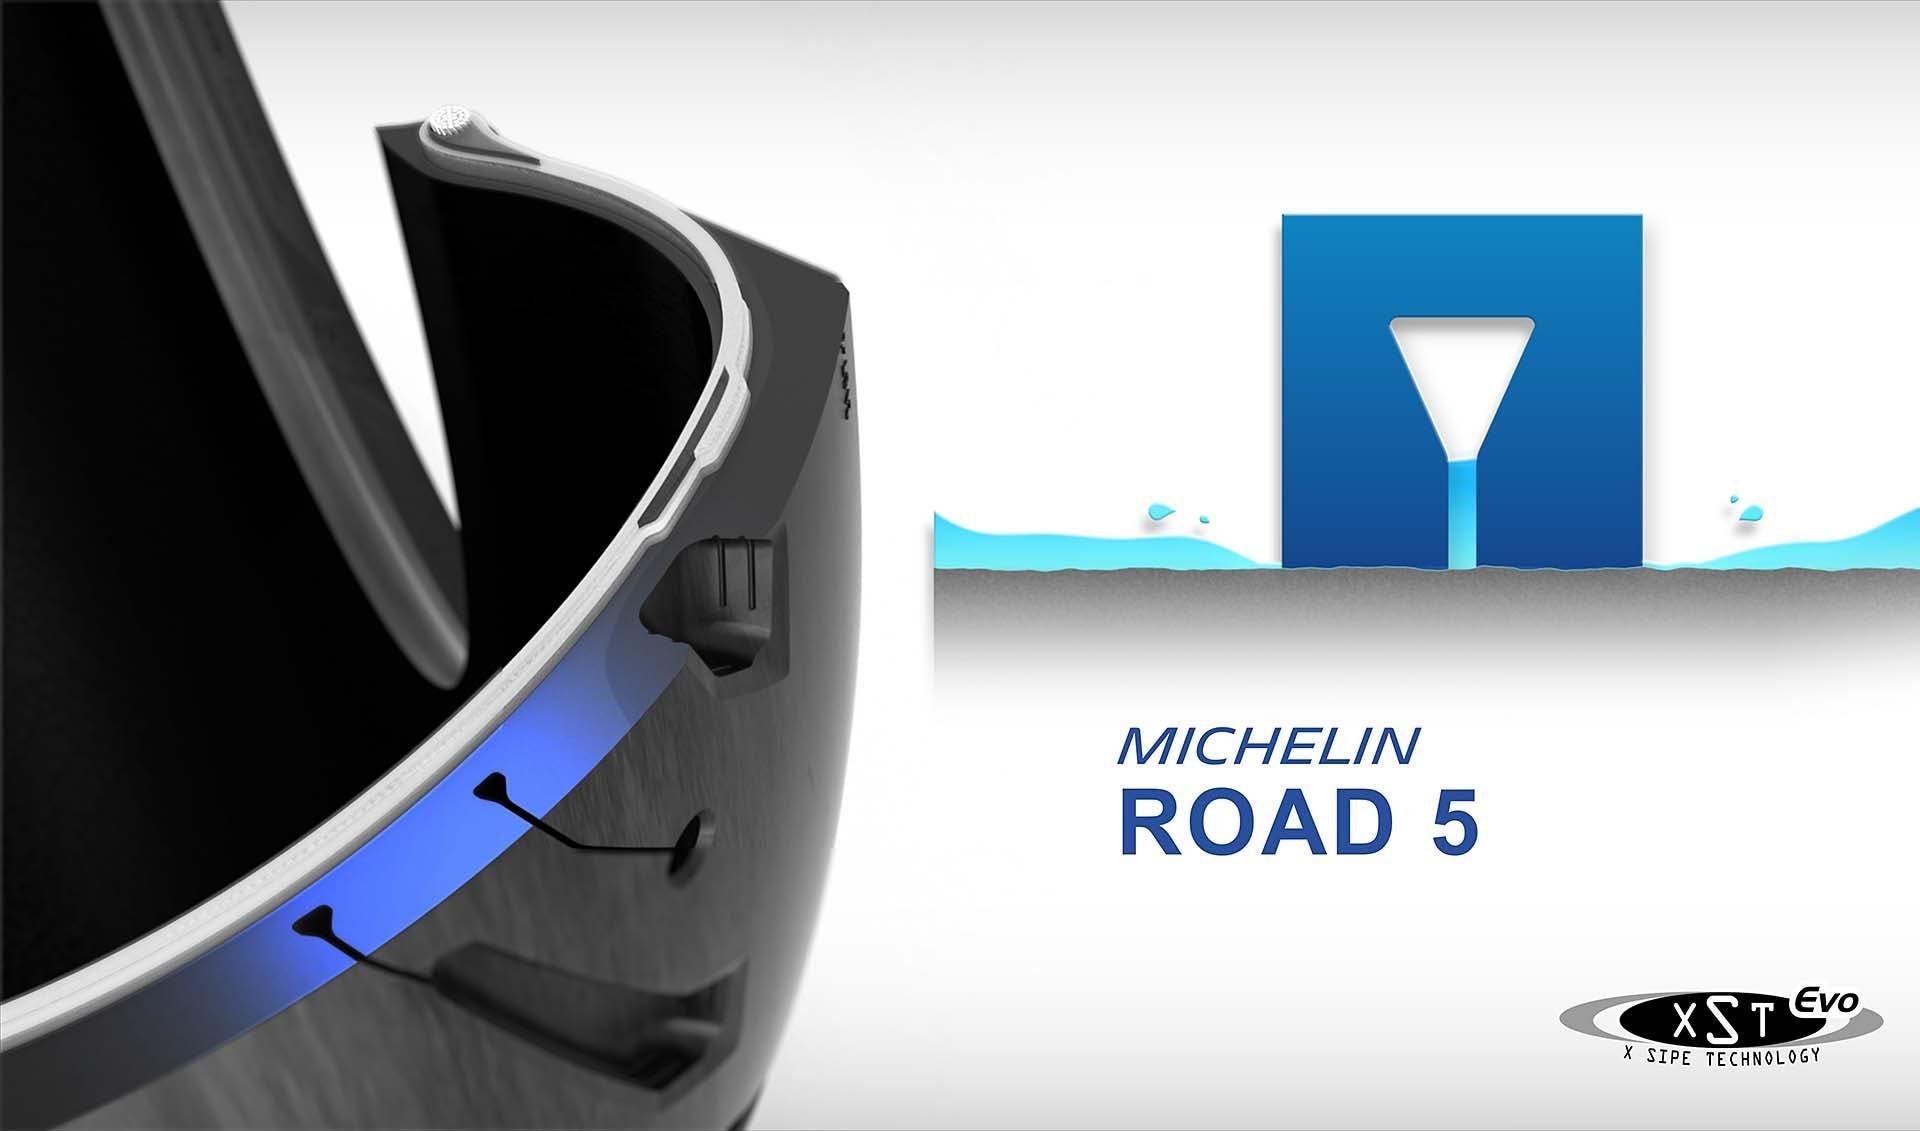 Michelin Road 5 - XST Evo